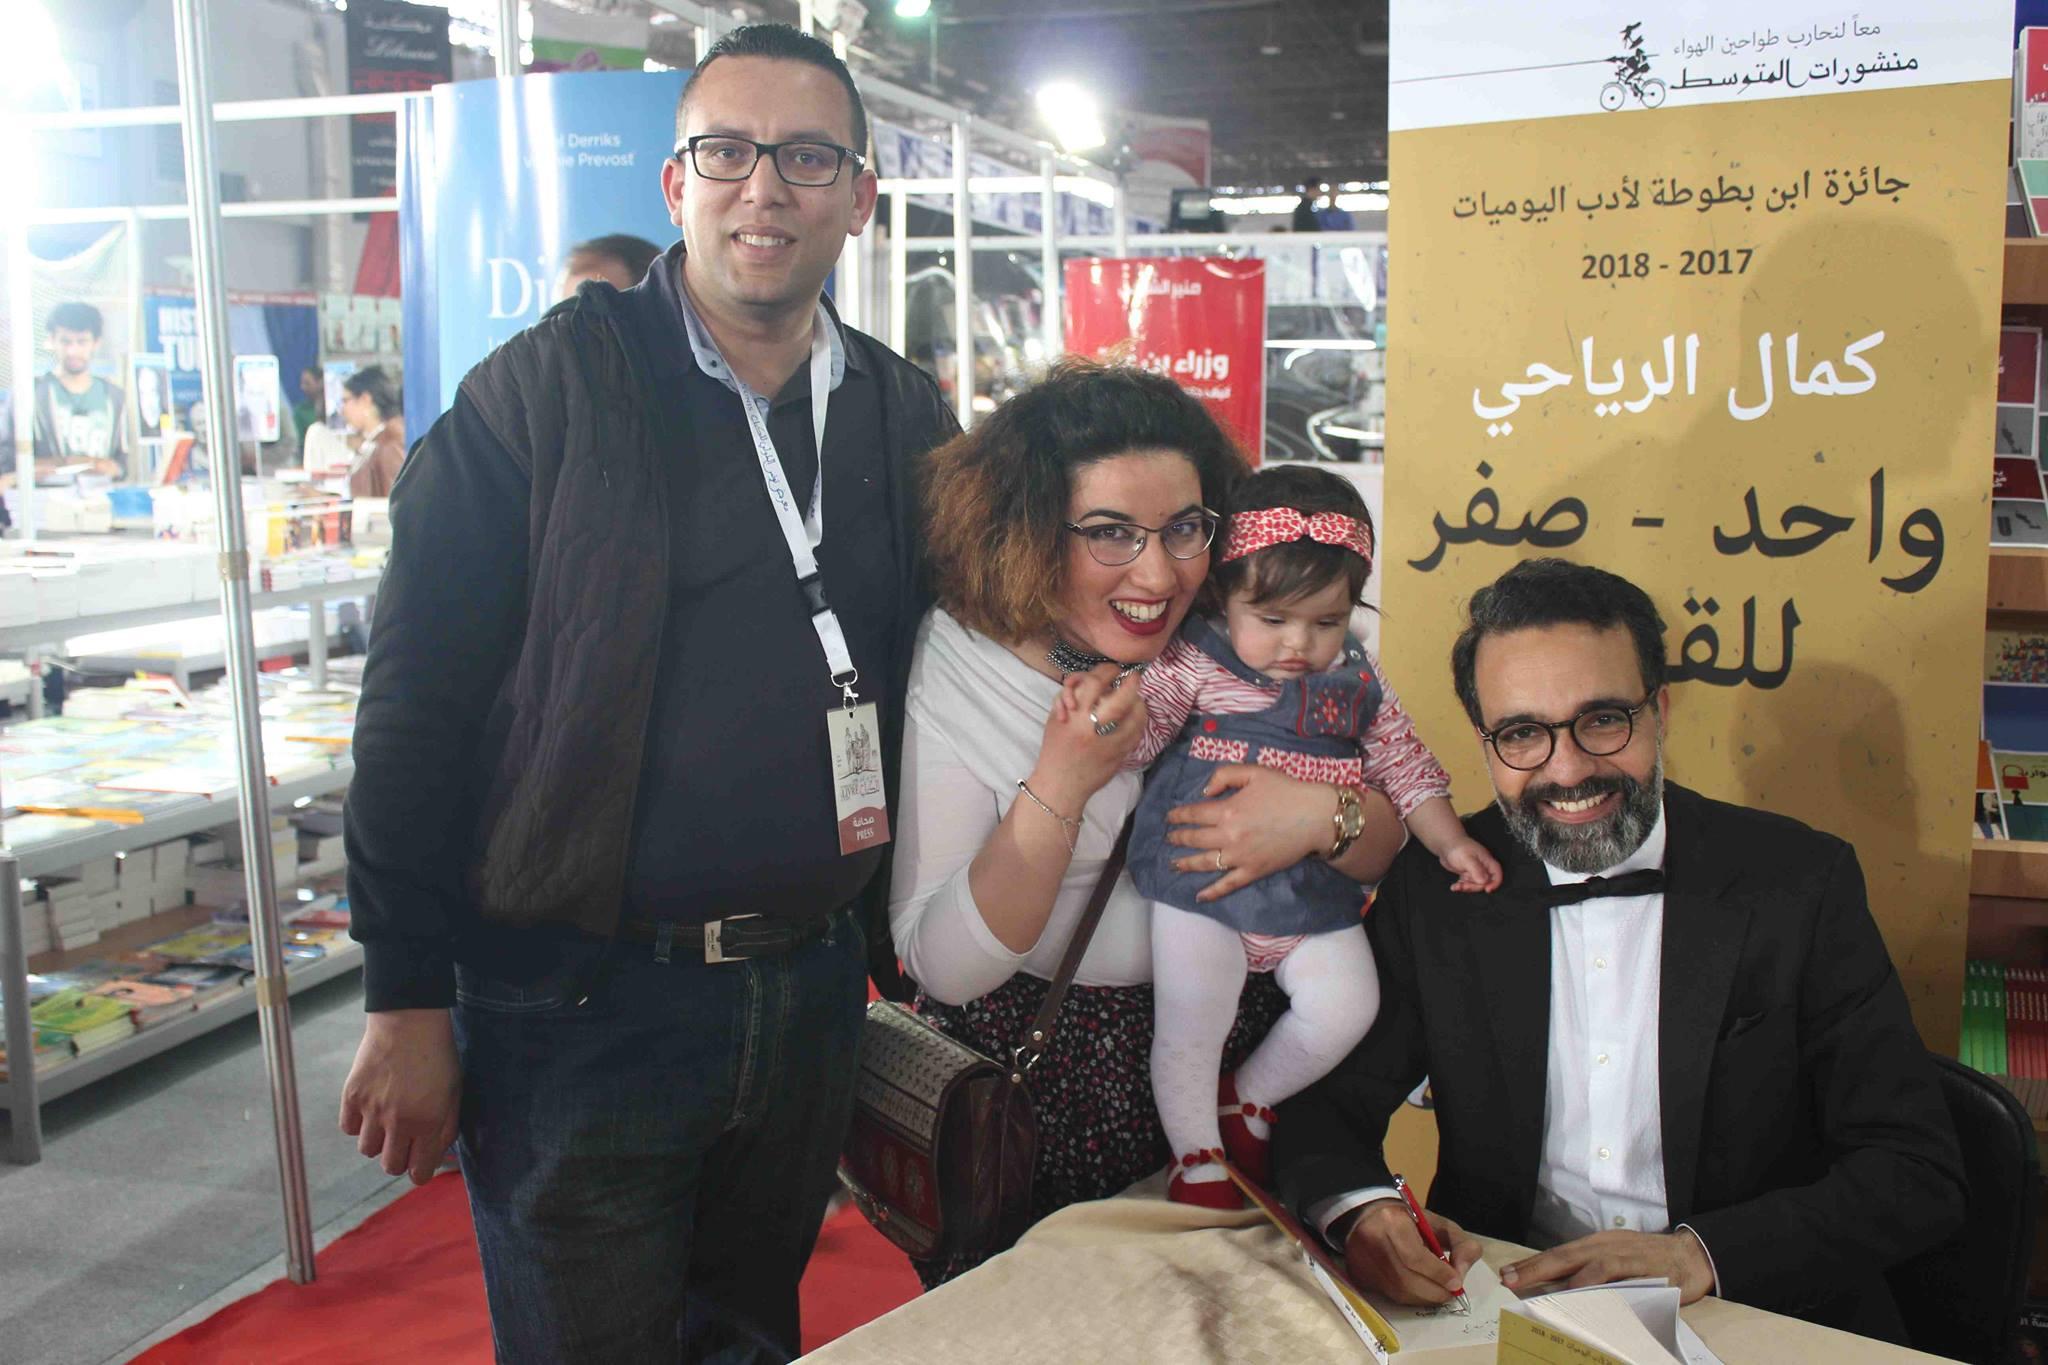 كمال الرياحى يوقع كتابه واحد صفر للقتيل الفائز بجائزة ابن بطوطة فى معرض تونس (19)